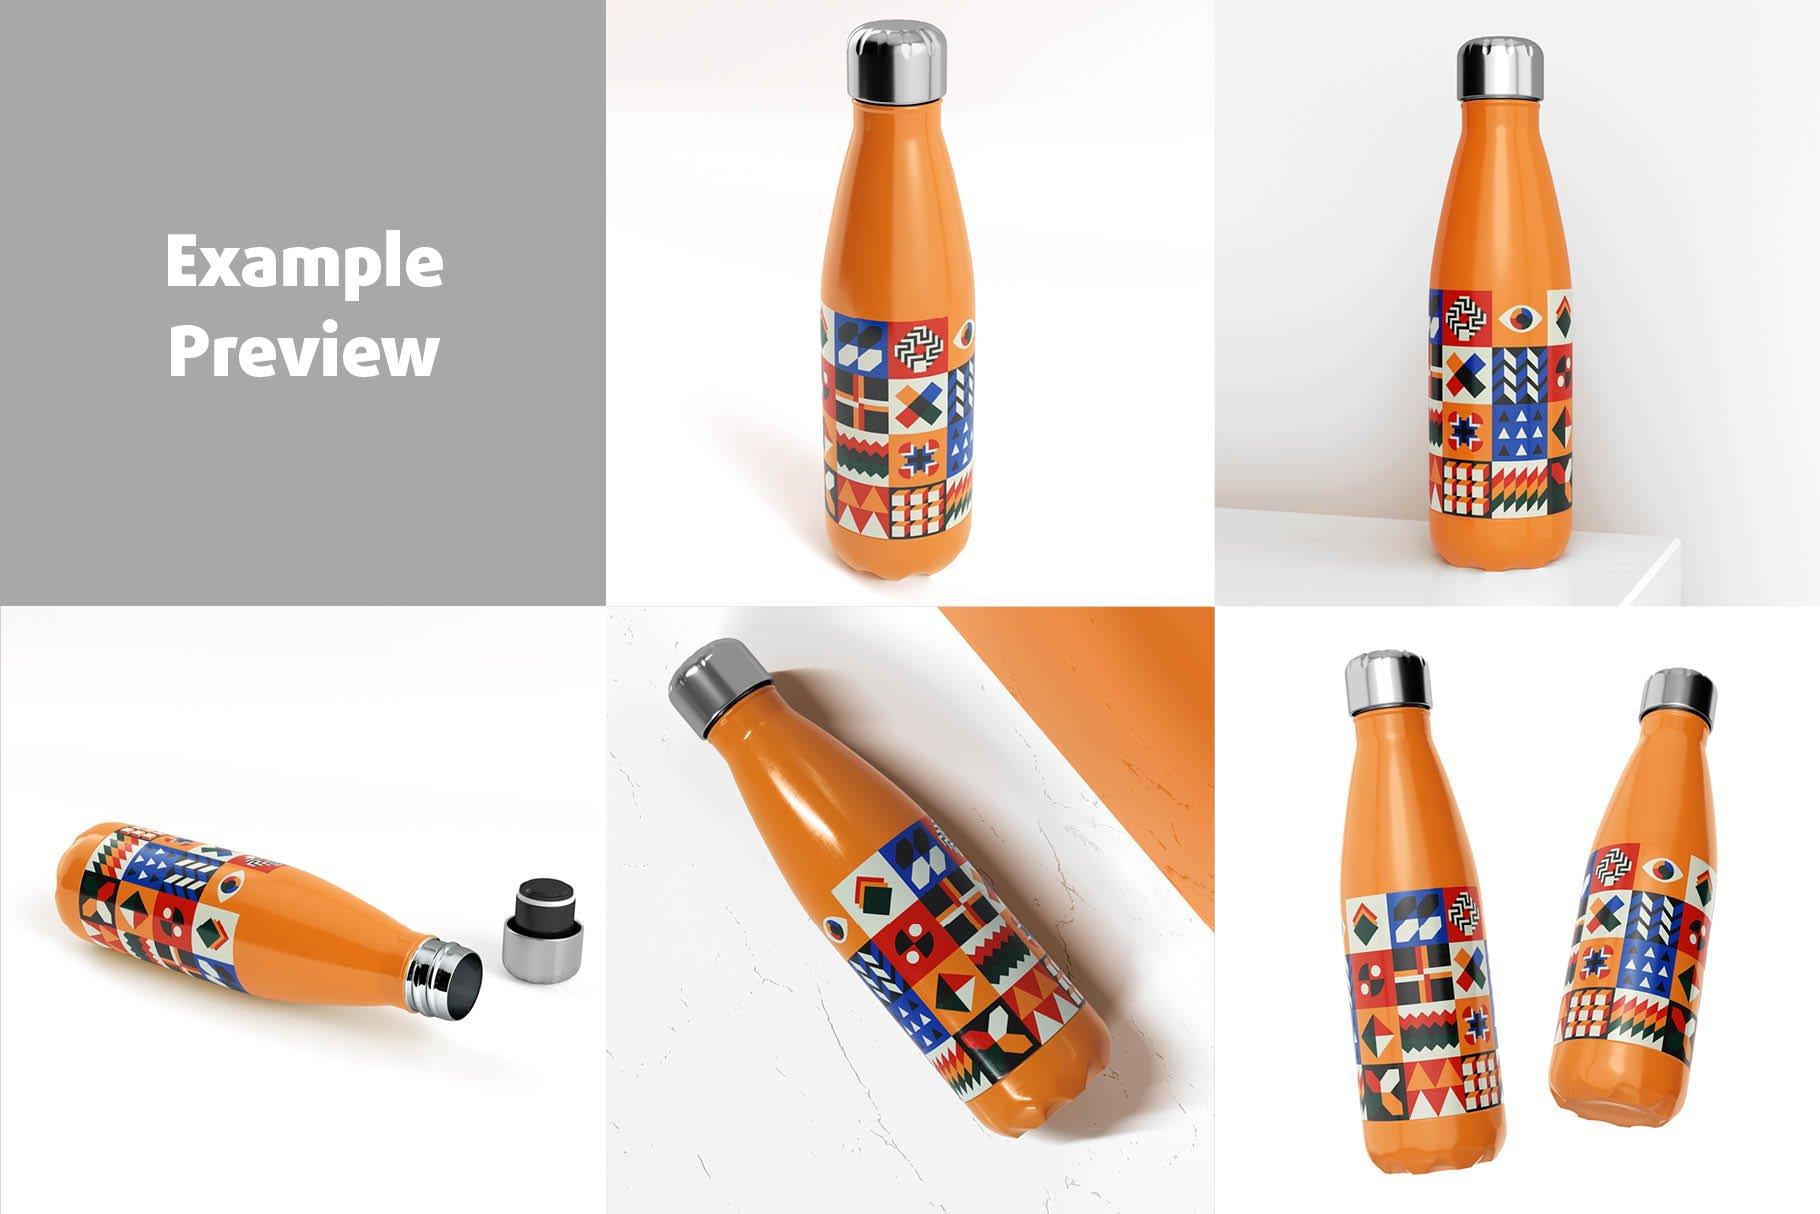 时尚不锈钢保温水瓶外观设计PS贴图样机 Stainless Steel Bottle Mock-up插图4